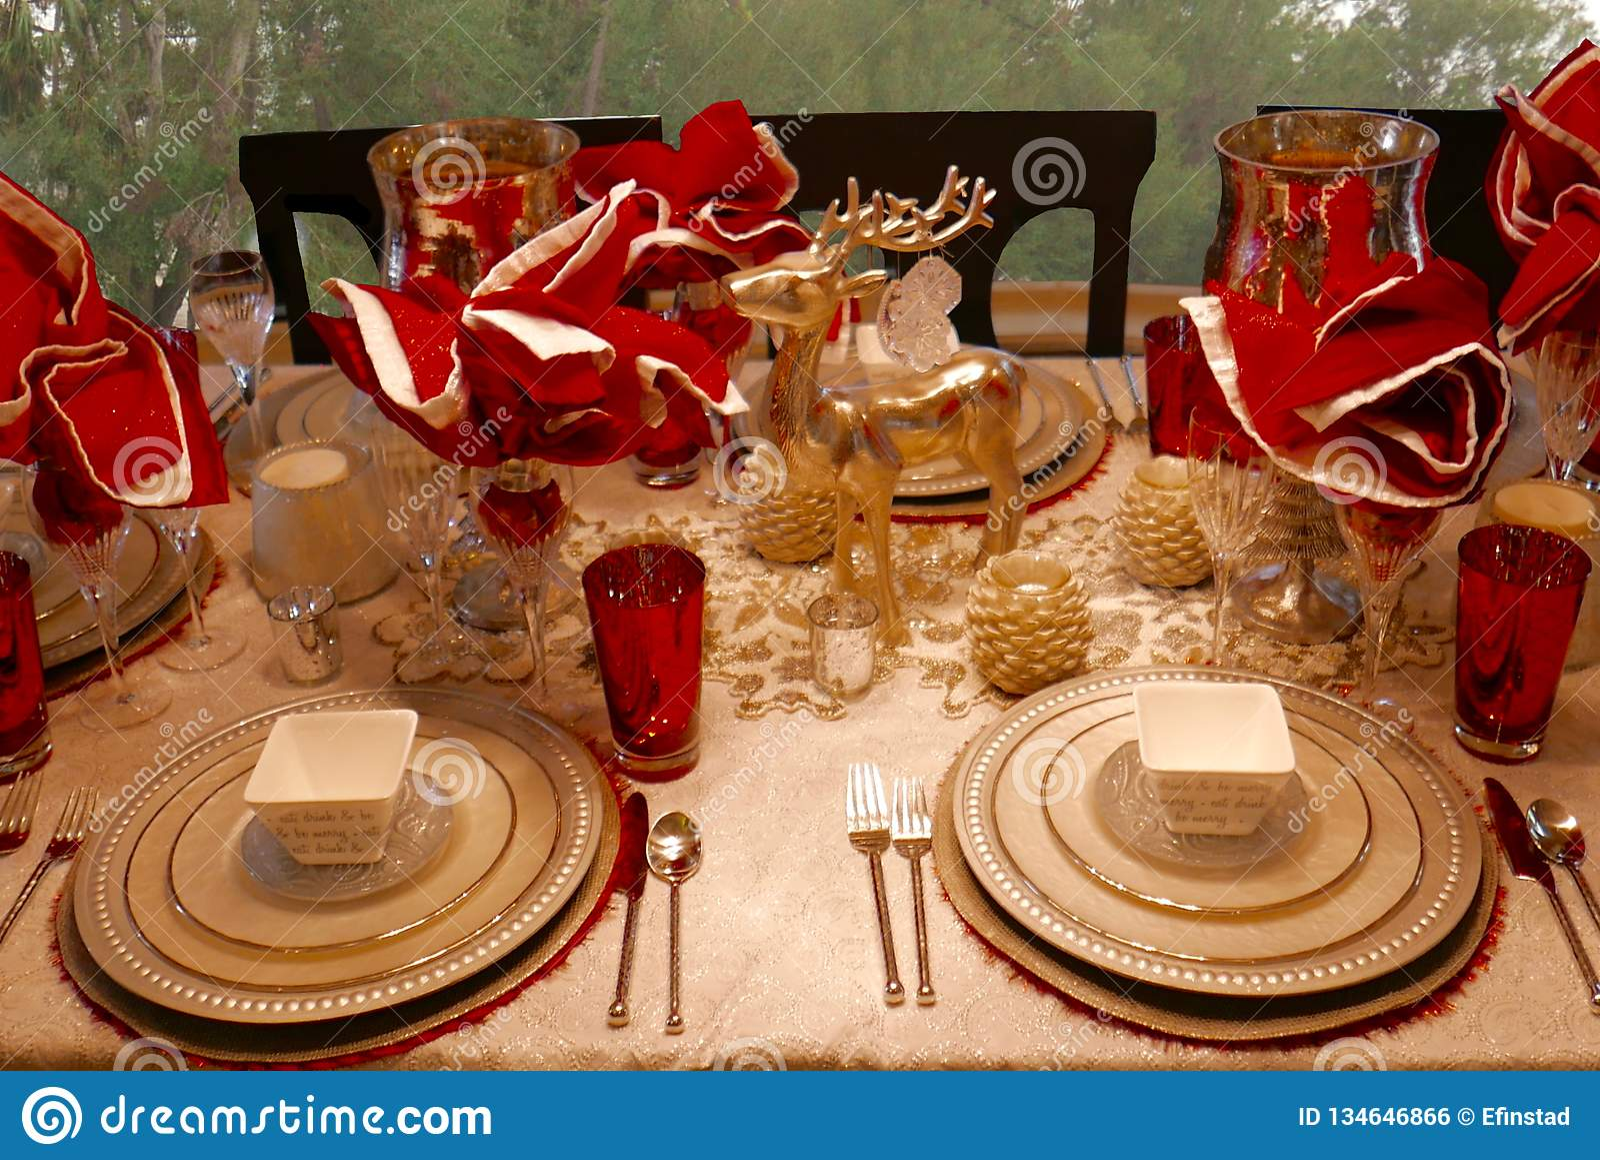 arrangement l gant de table de salle manger de d cor de. Black Bedroom Furniture Sets. Home Design Ideas